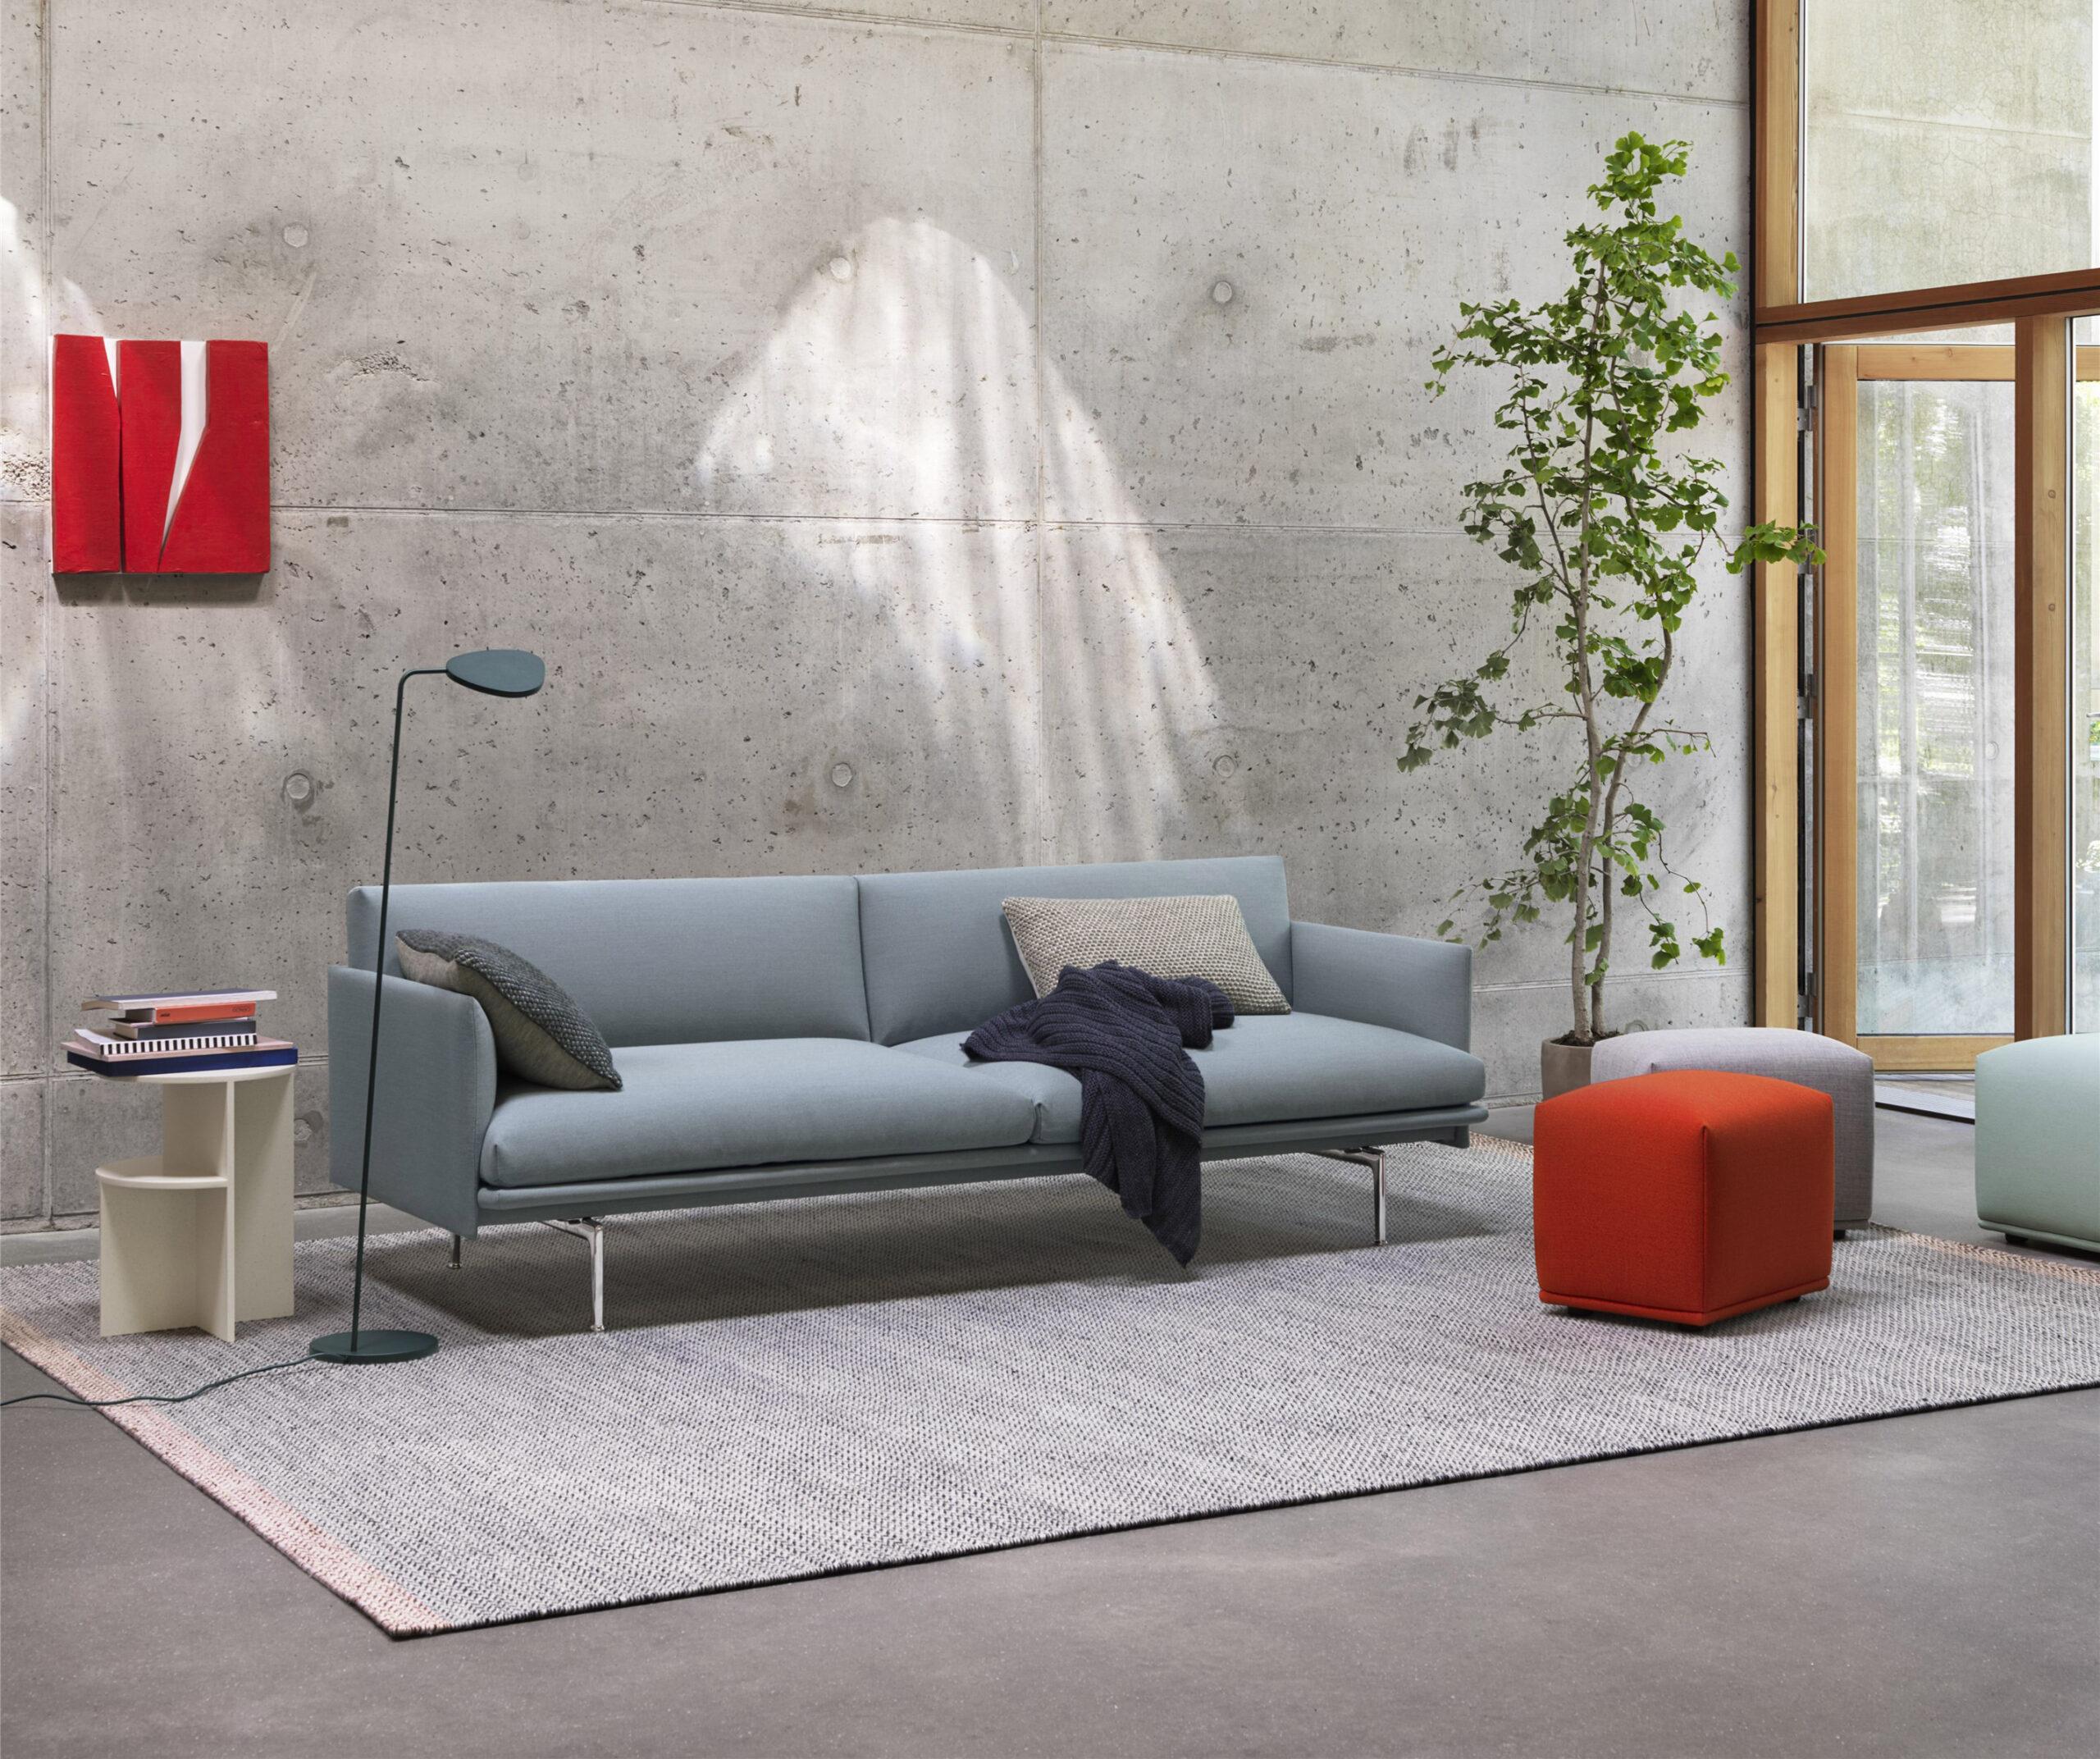 Full Size of Muuto Sofa Outline Mit Chaise Longue Rattan Esszimmer Leder Jugendzimmer Ebay Big Flexform In L Form Freistil Für Polster Sofa Muuto Sofa